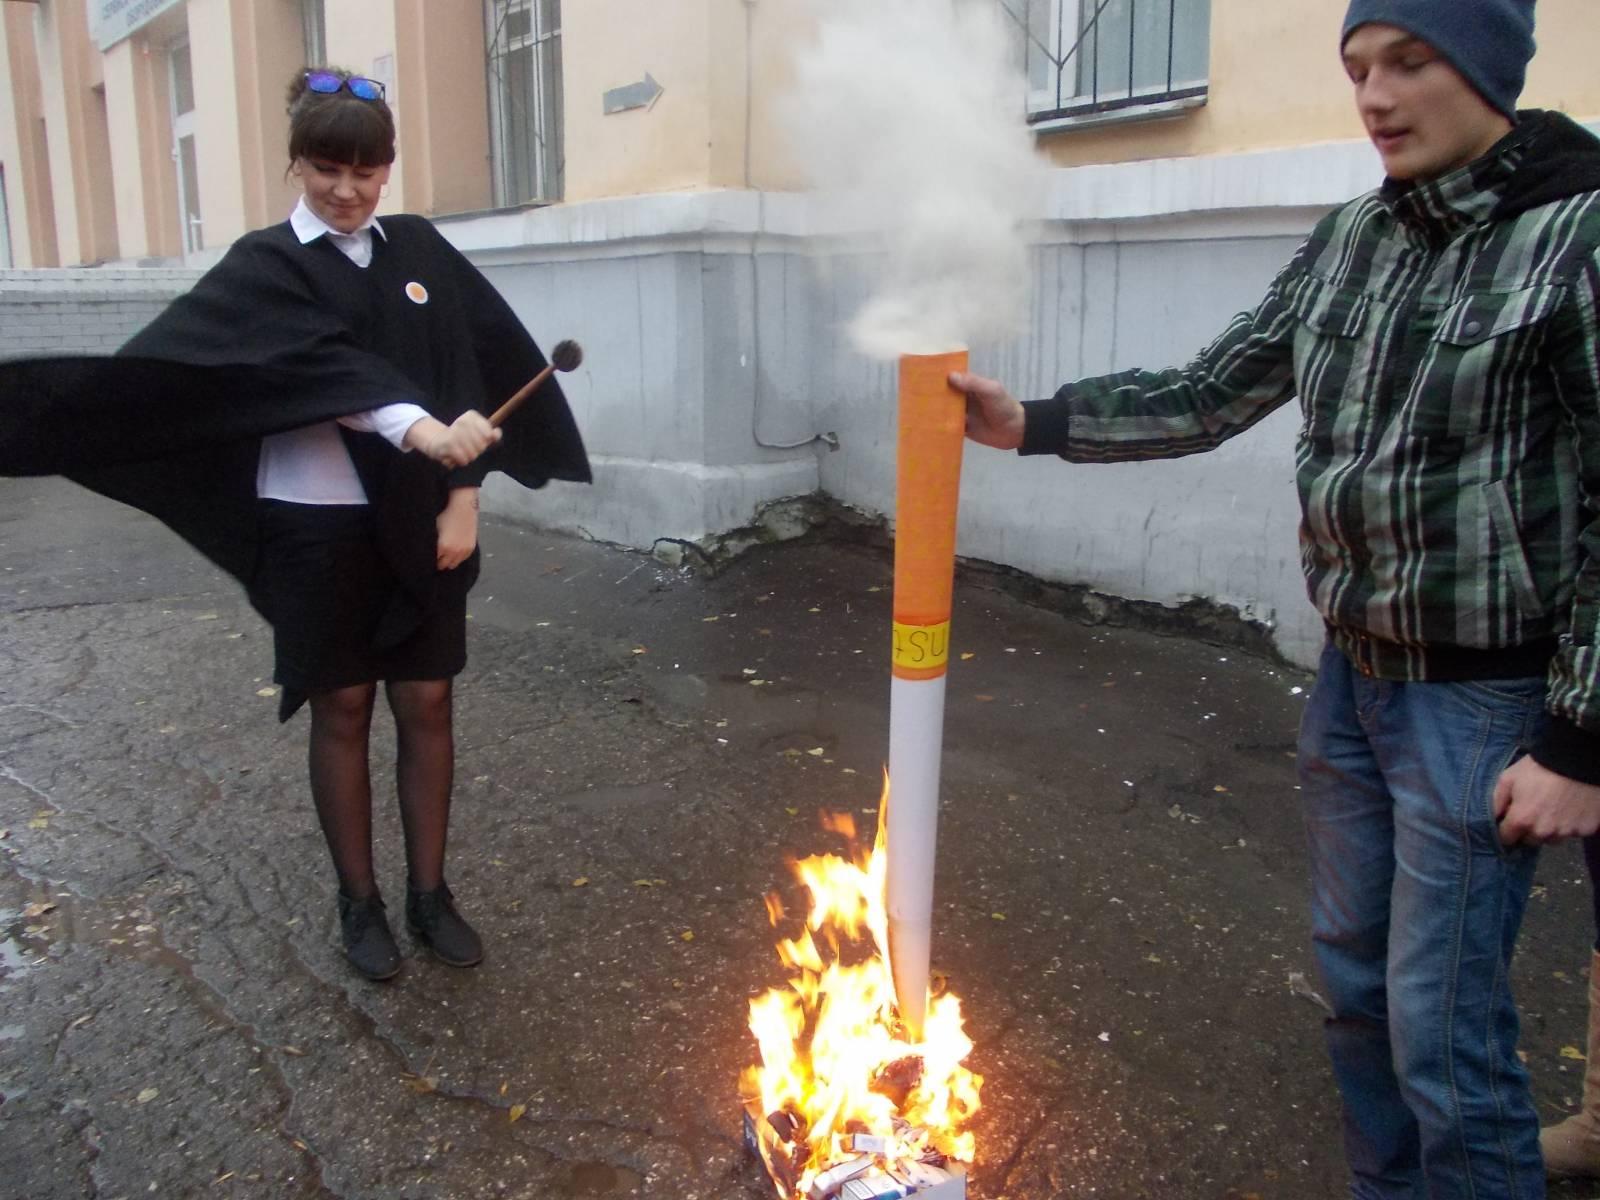 Карр аллен легкий способ бросить курить форум